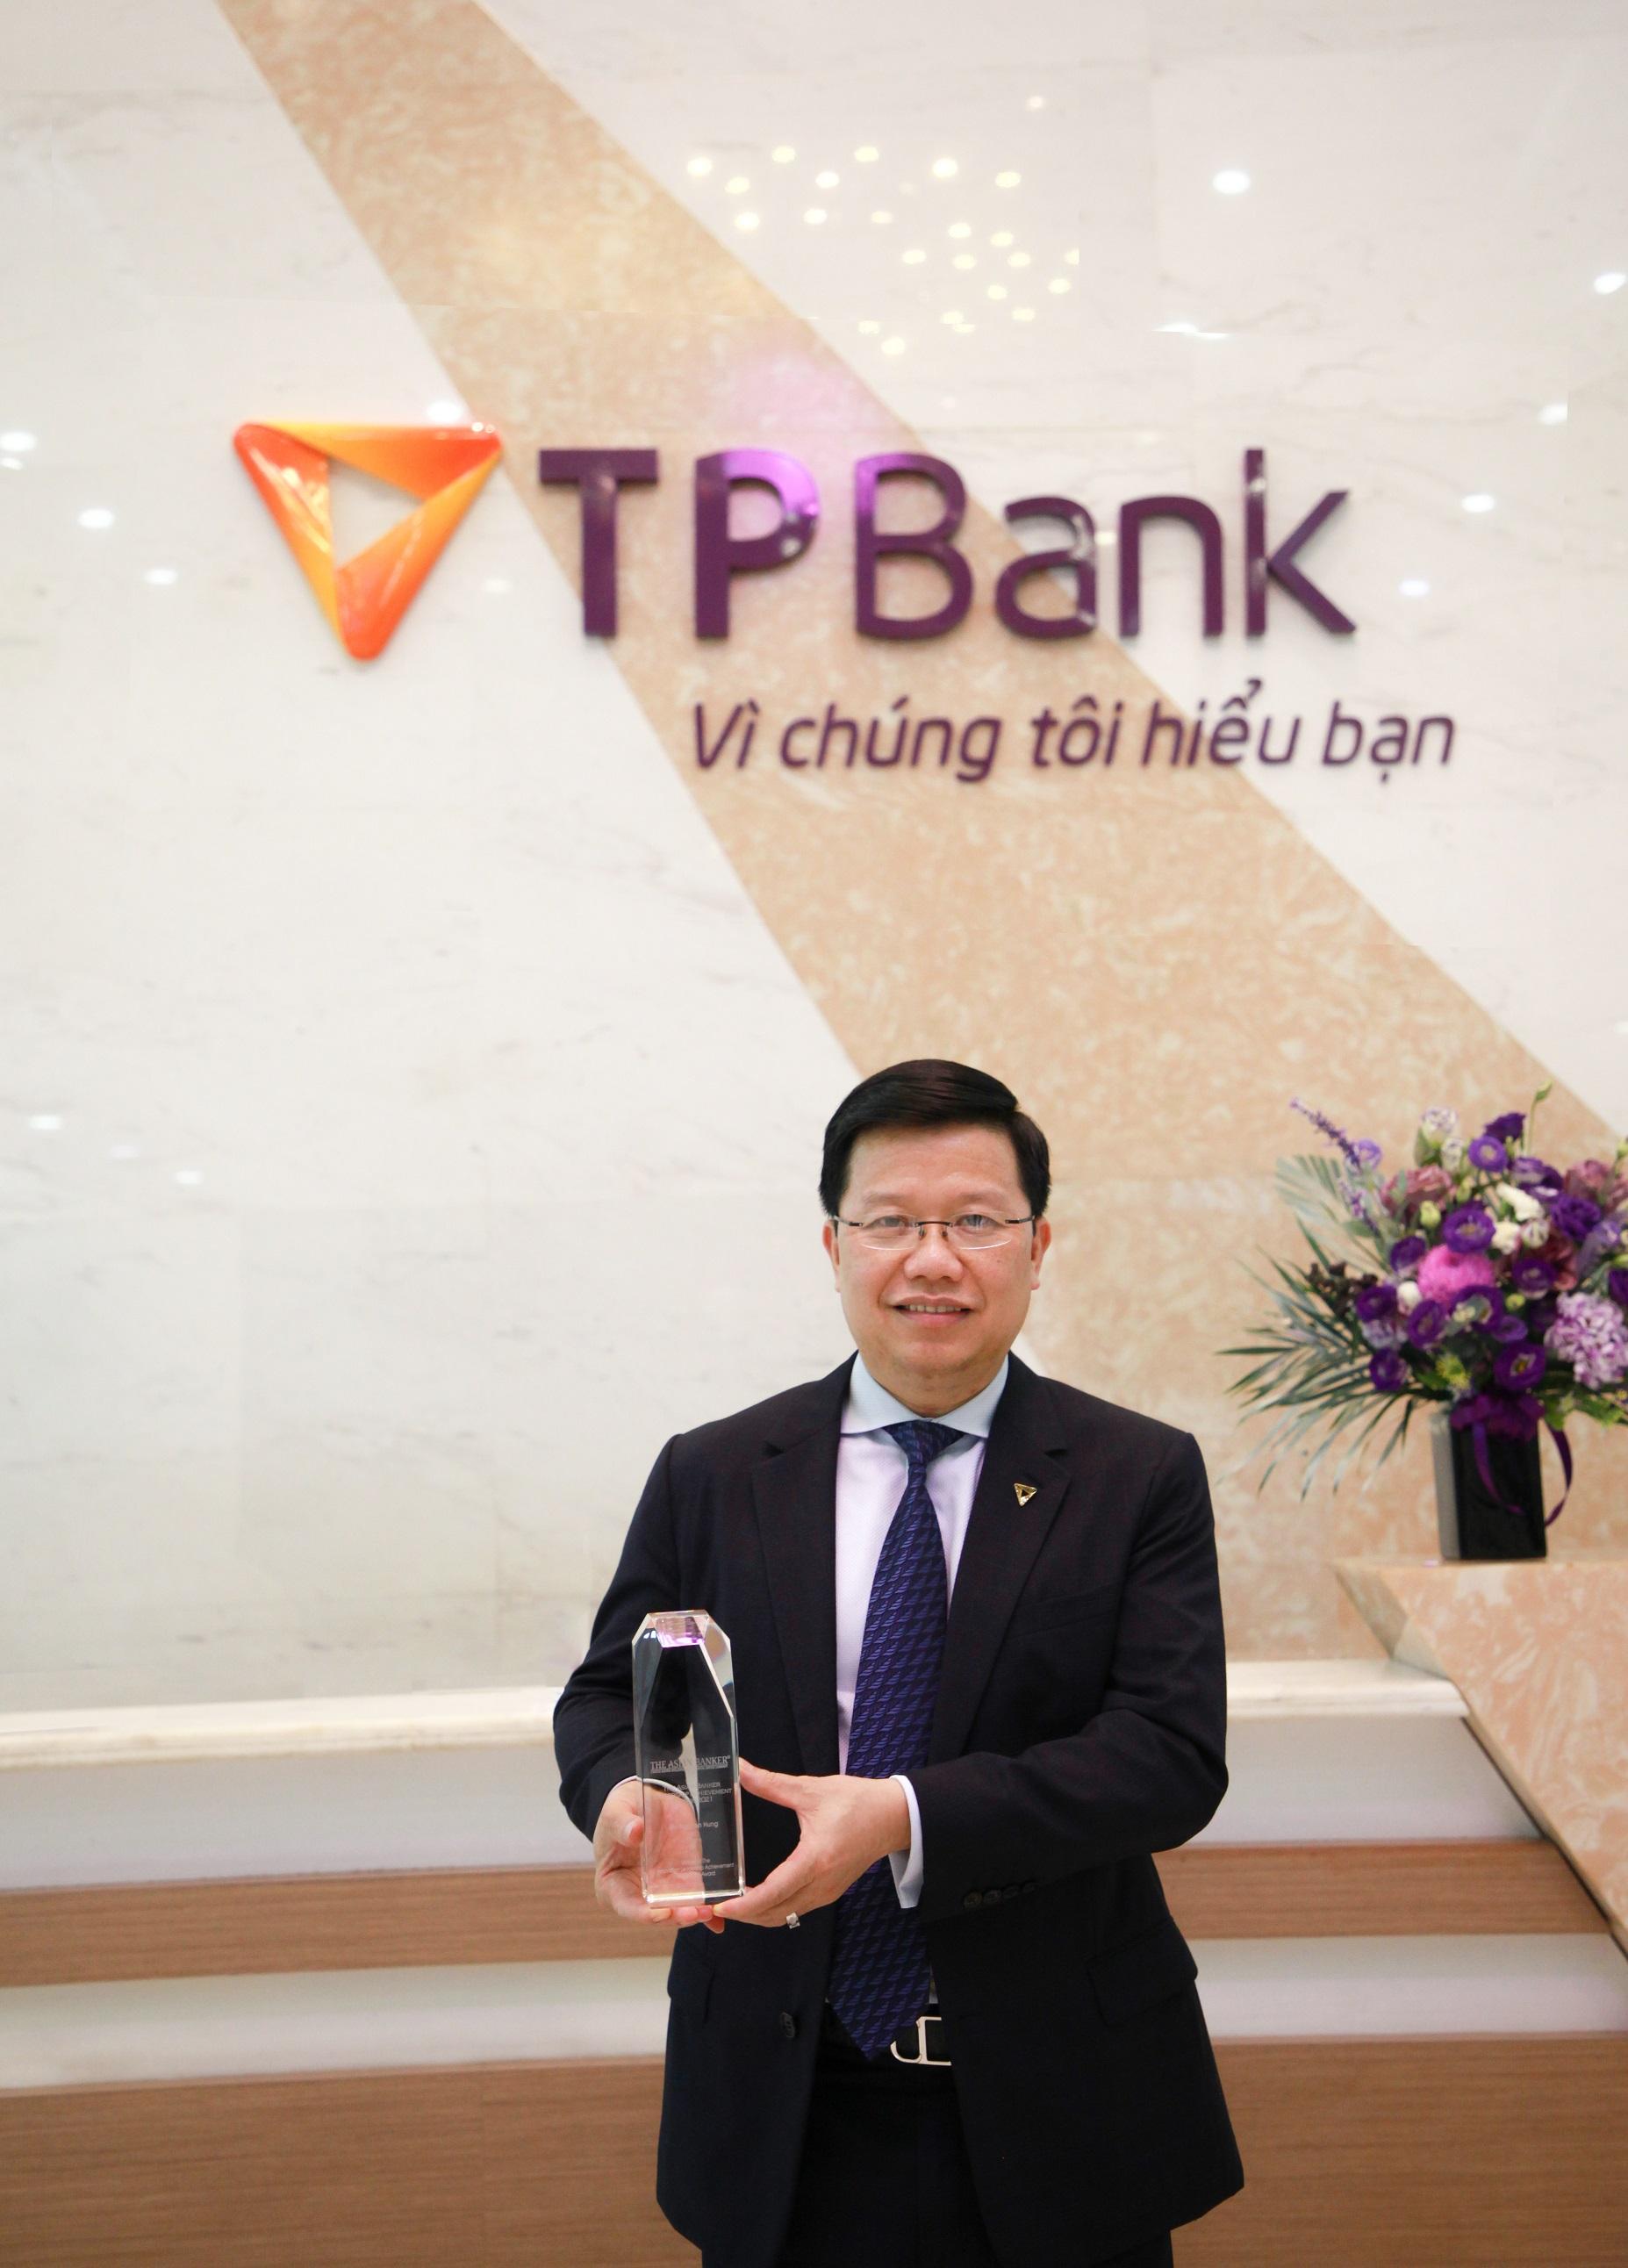 Ông Nguyễn Hưng- CEO TPBank tiên phong thực hiện các giá trị cốt lõi của ngân hàng, xây dựng một nền văn hóa doanh nghiệp chuyên nghiệp và độc đáo để đưa ngân hàng lên những tầm cao mới. Ảnh: TPBank